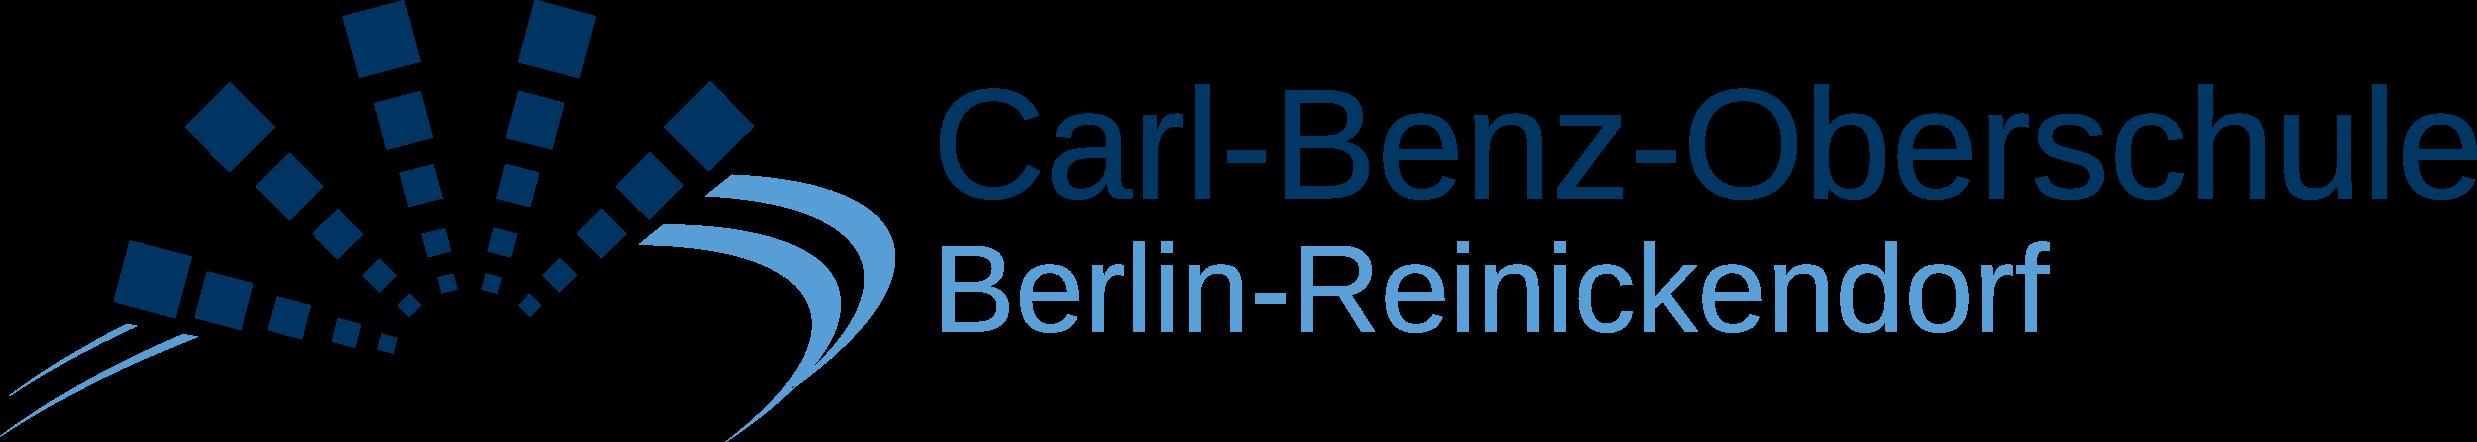 Carl-Benz-Oberschule